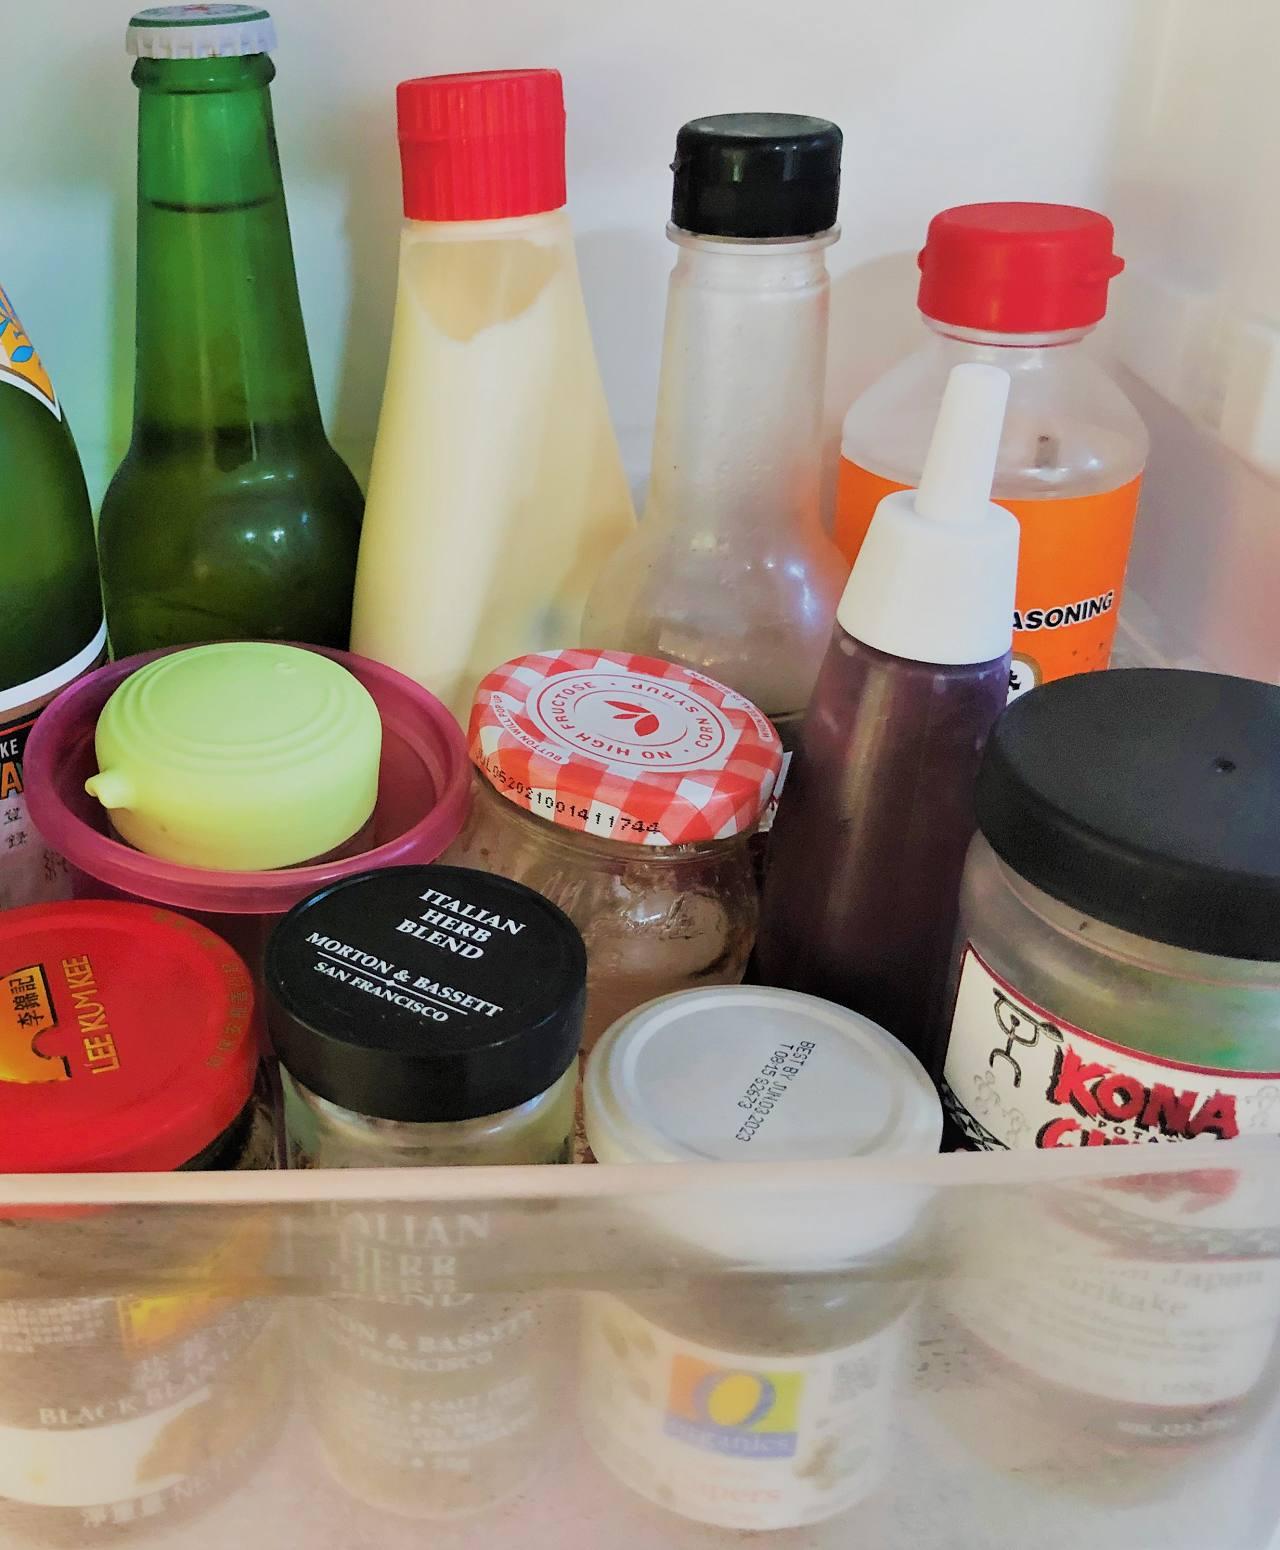 冷蔵庫の中見せて!ハワイの家庭のリアルな調味料事情